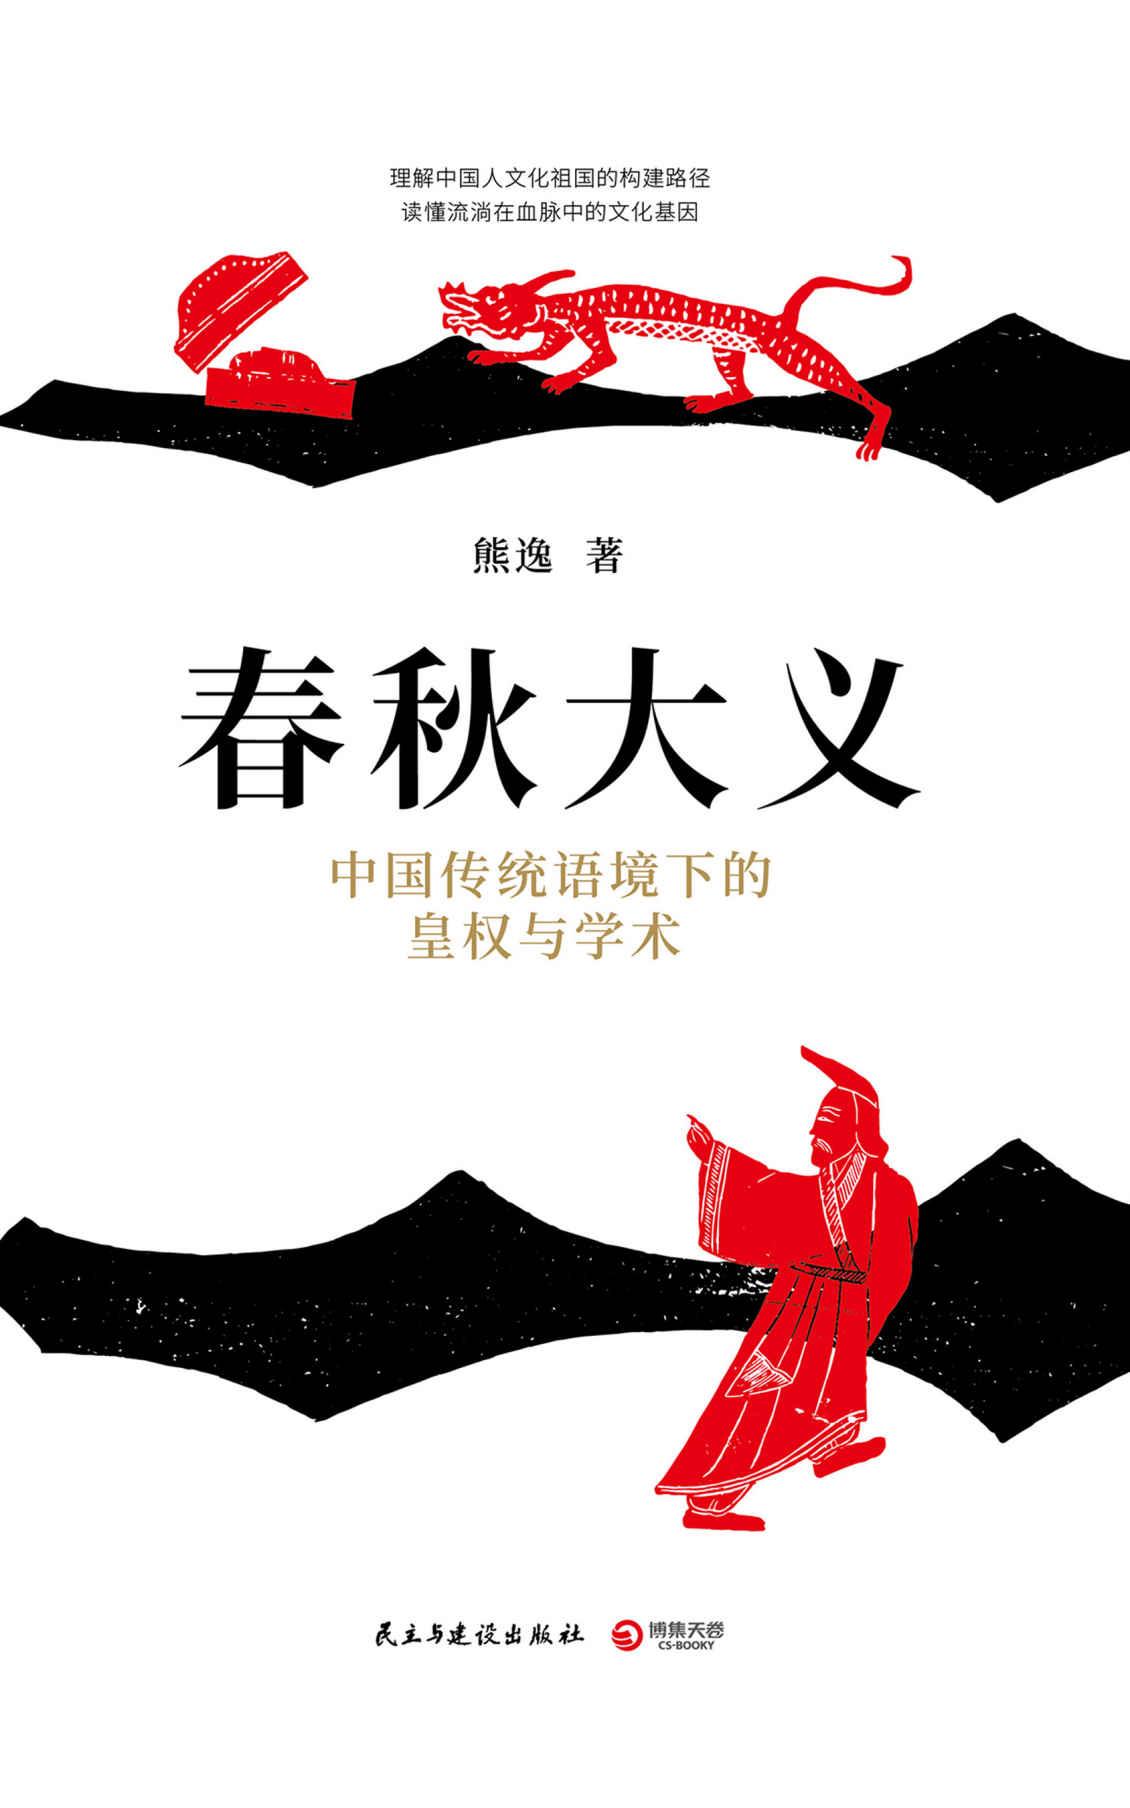 2019-06《春秋大义》中国传统语境下的皇权与学术.jpg